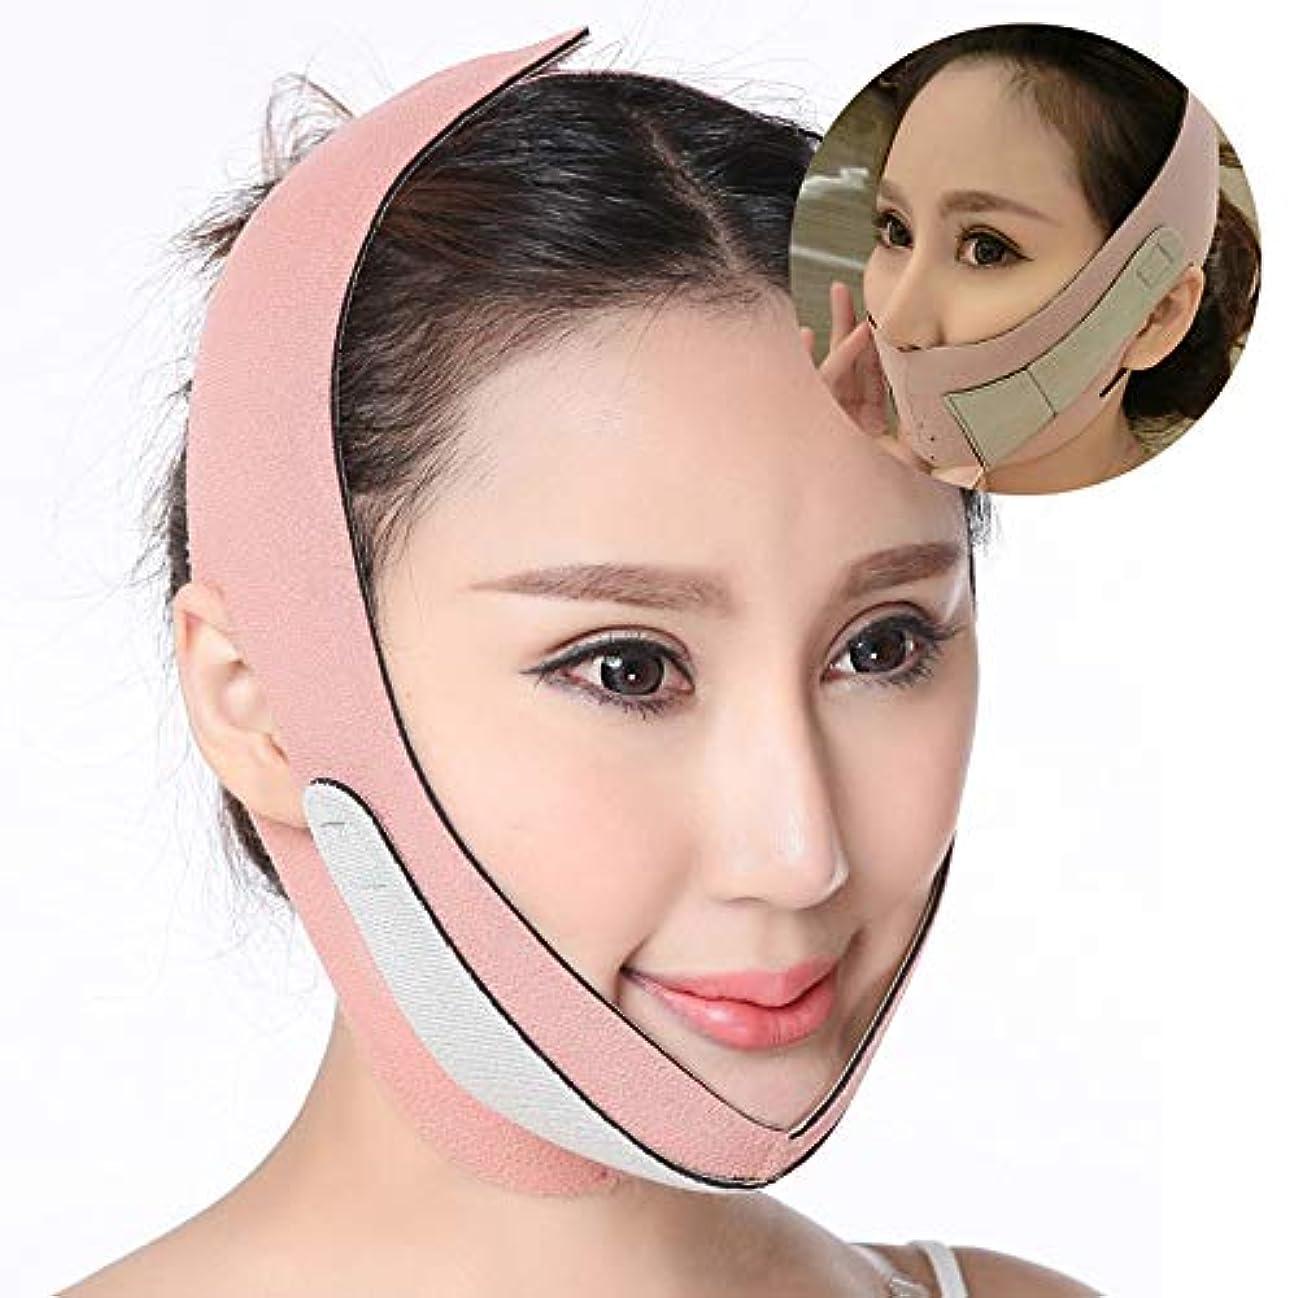 お嬢ワゴン特権Vフェイスラインベルトチンチークスリムリフトアップアンチリンクルは、超薄型マスクストラップバンドVフェイスラインのベルトストラップ通気性のフェイススリミング包帯マスク